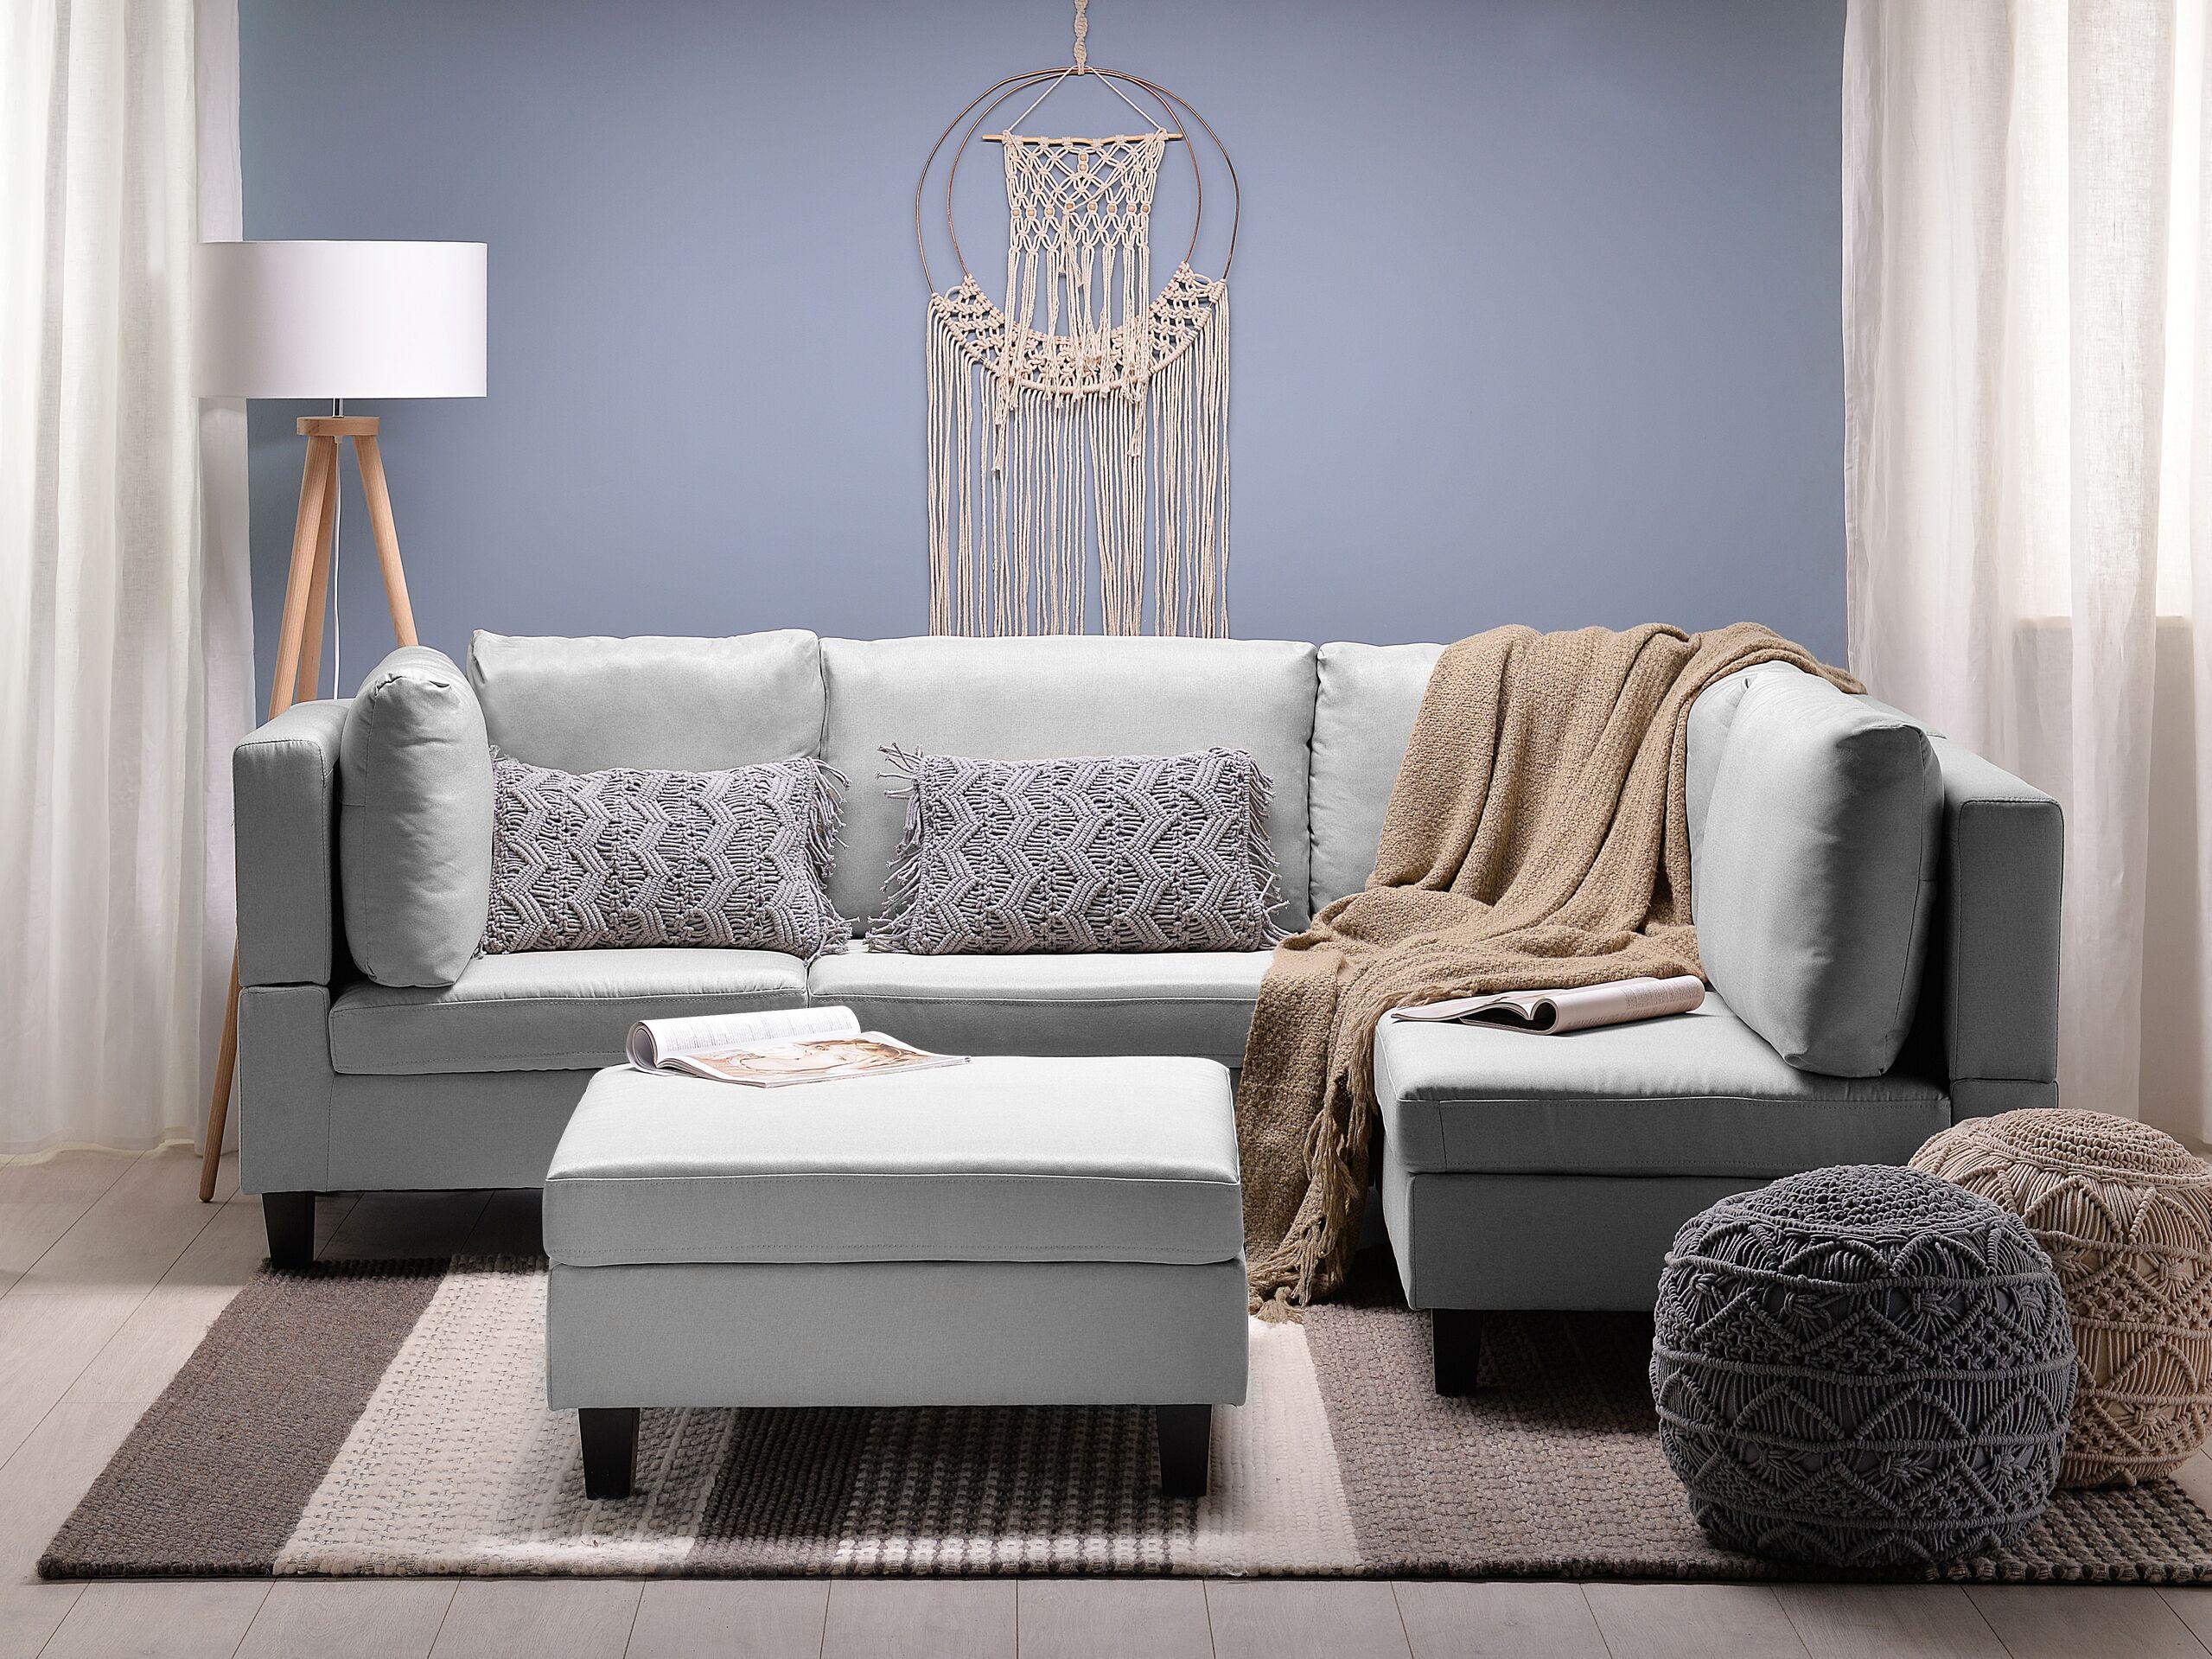 Canapé angle modulable 4 places en tissu gris clair avec pouf ottoman